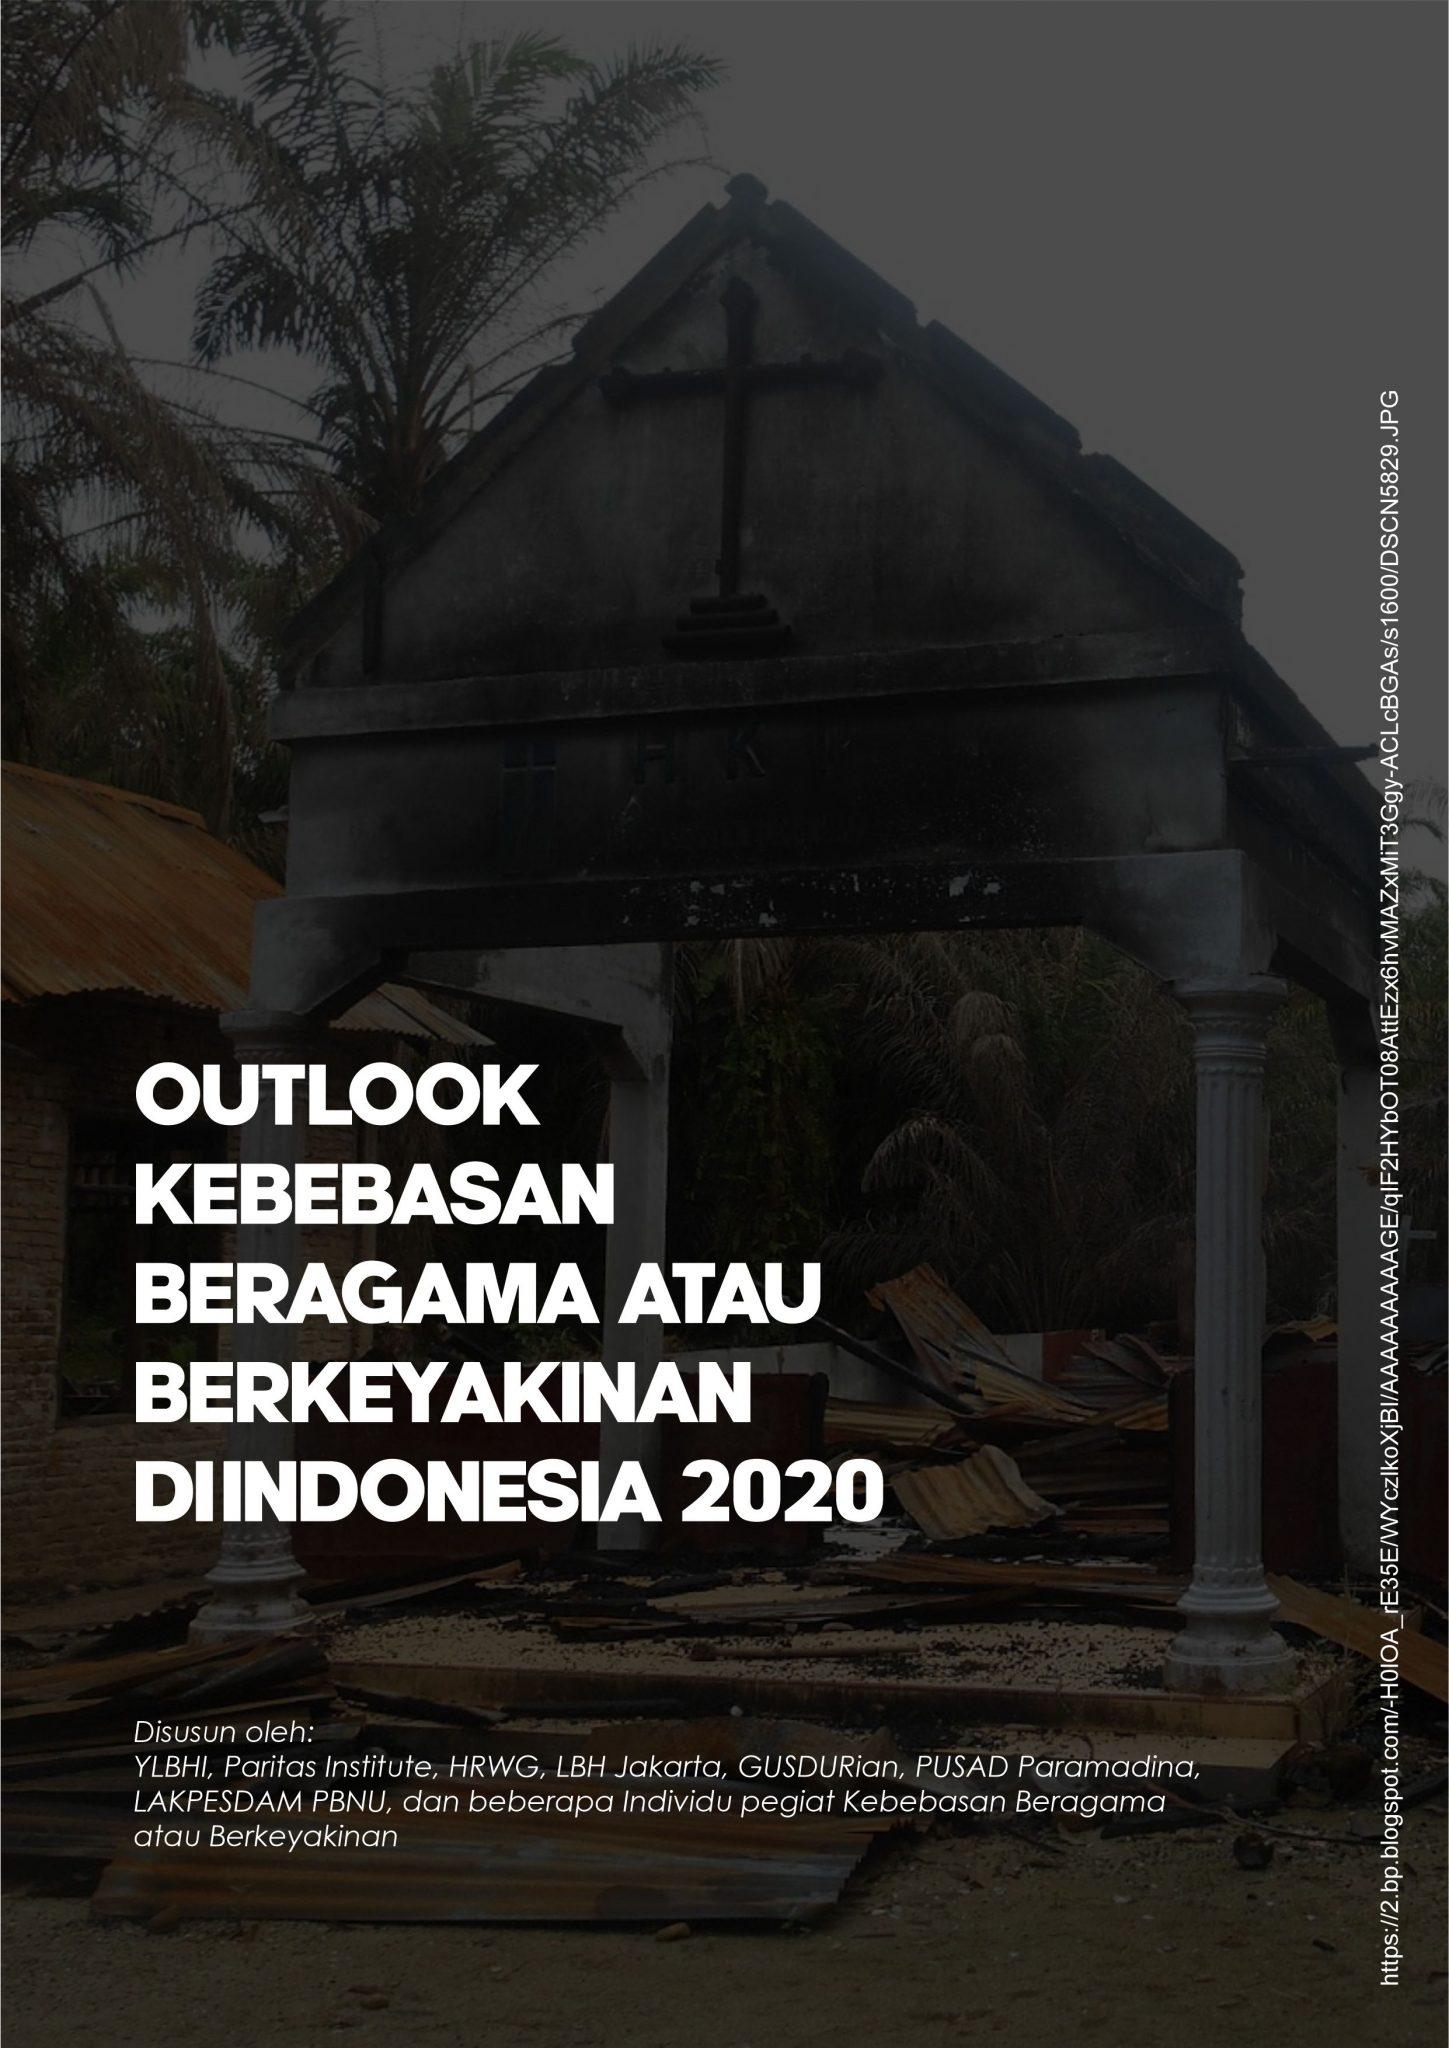 Outlook Kebebasan Beragama Atau Berkeyakinan di Indonesia Tahun 2020